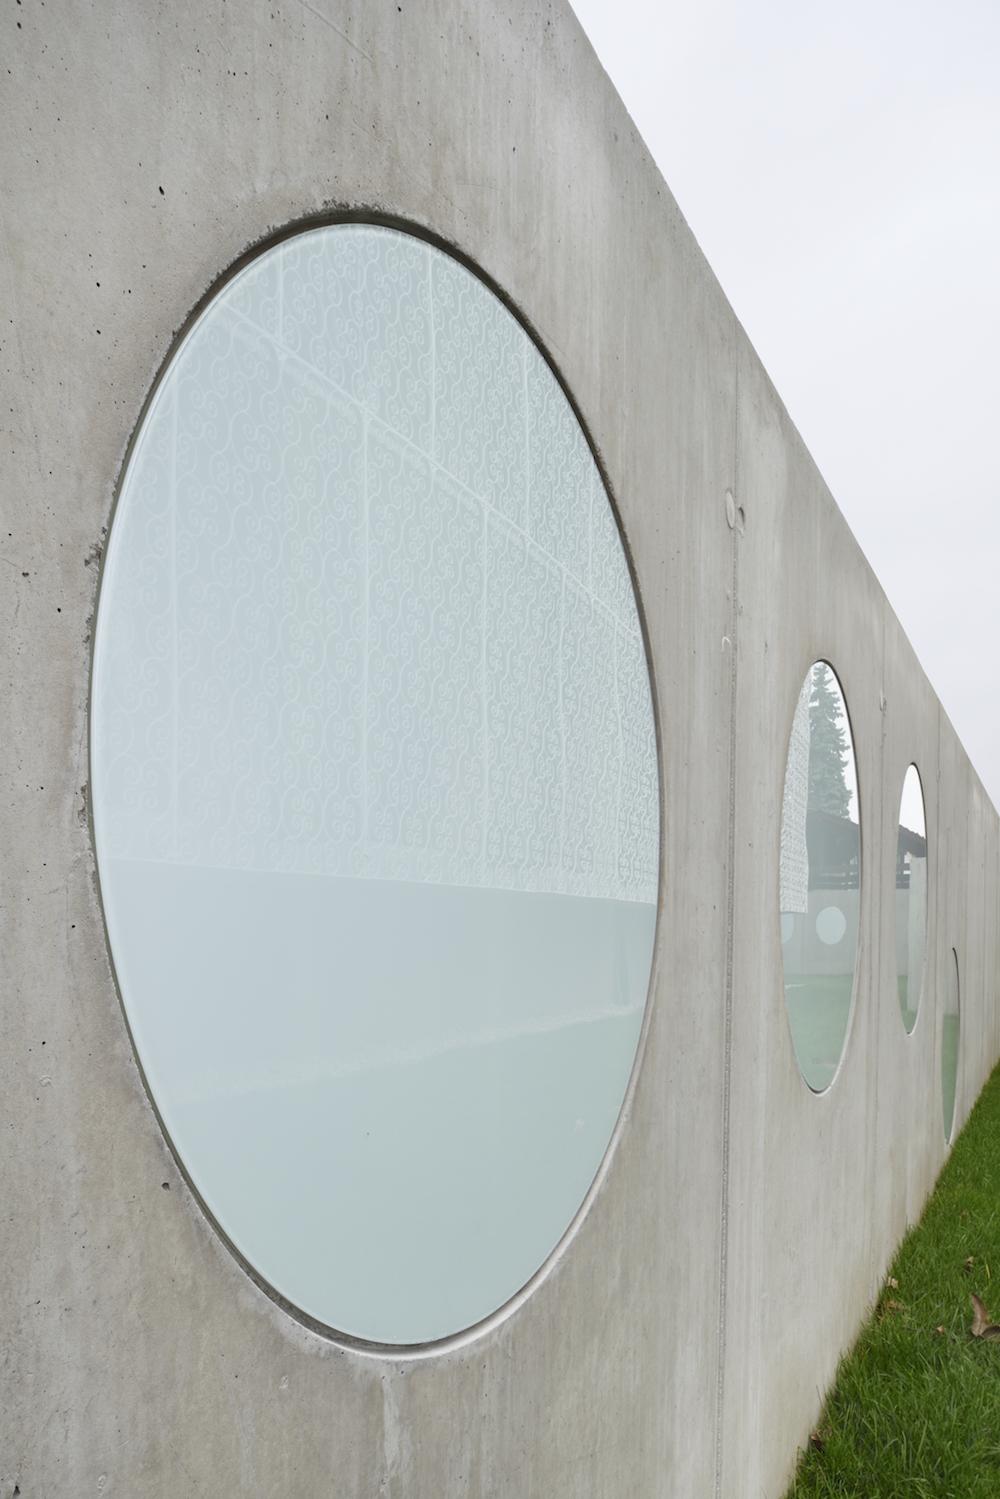 DANS arhitekti  bivalne enote ljubljana 2012